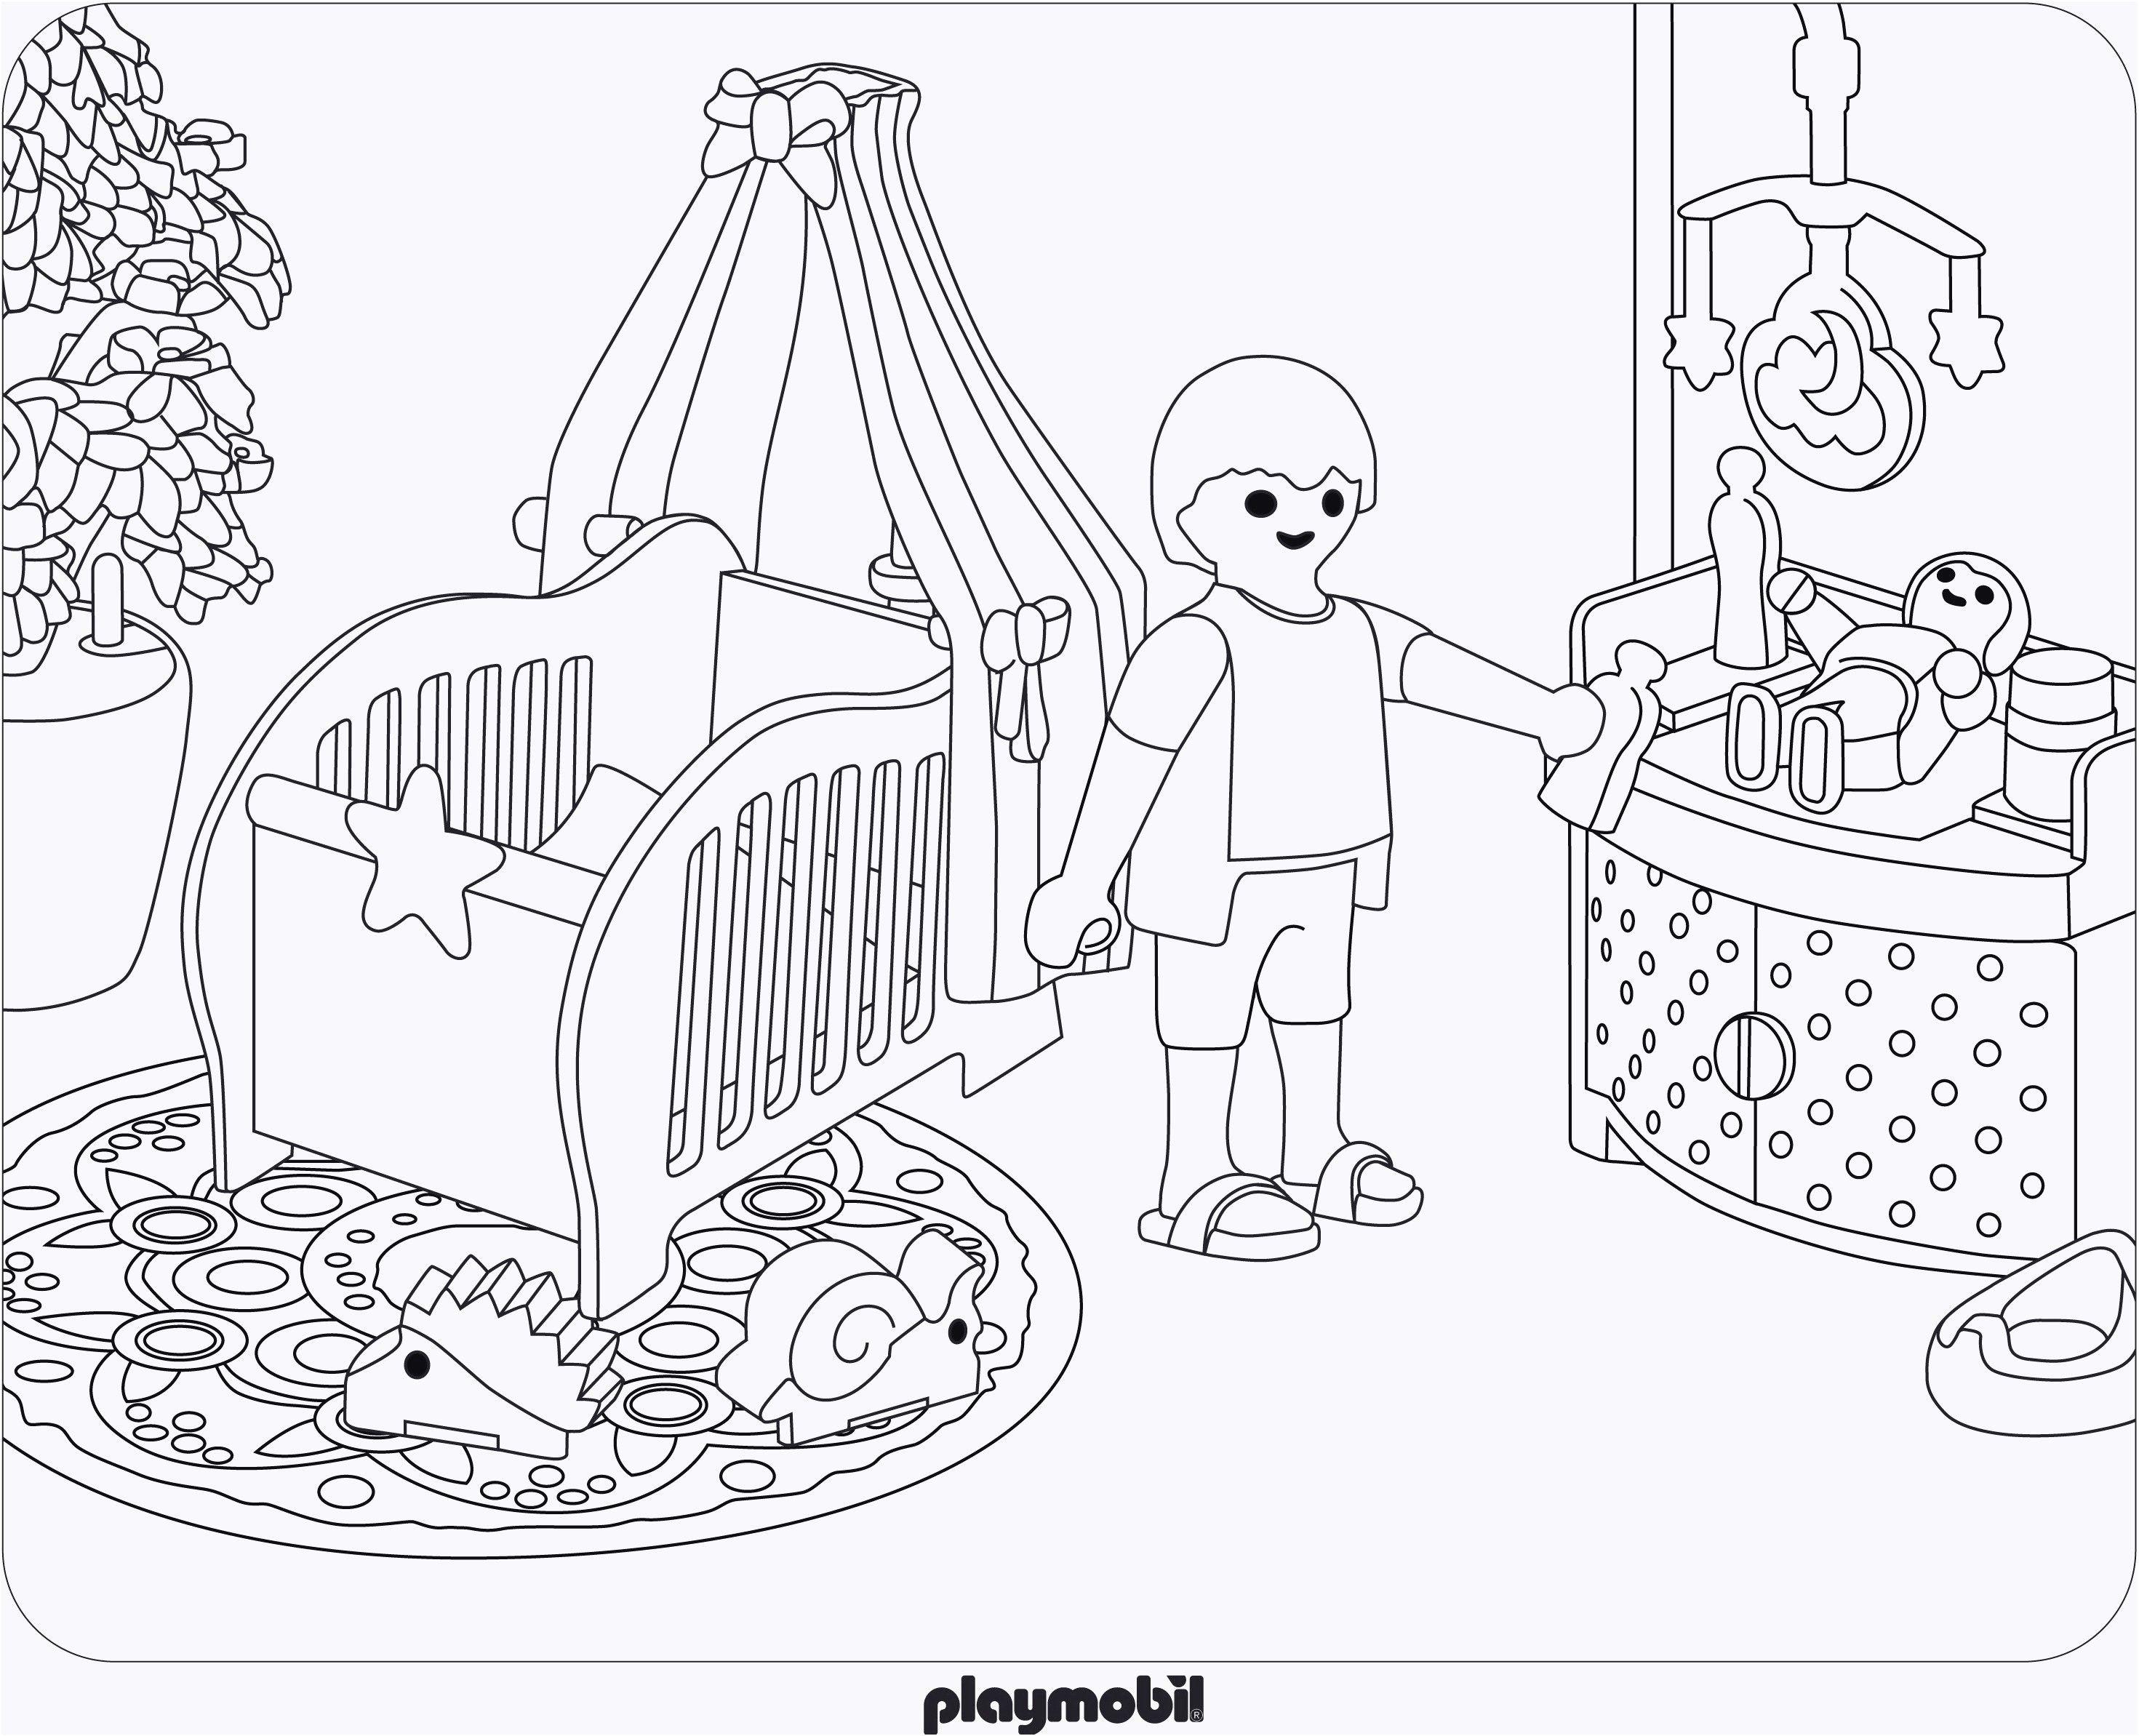 Färbung #Malvorlagen #MalvorlagenfürKinder  Playmobil